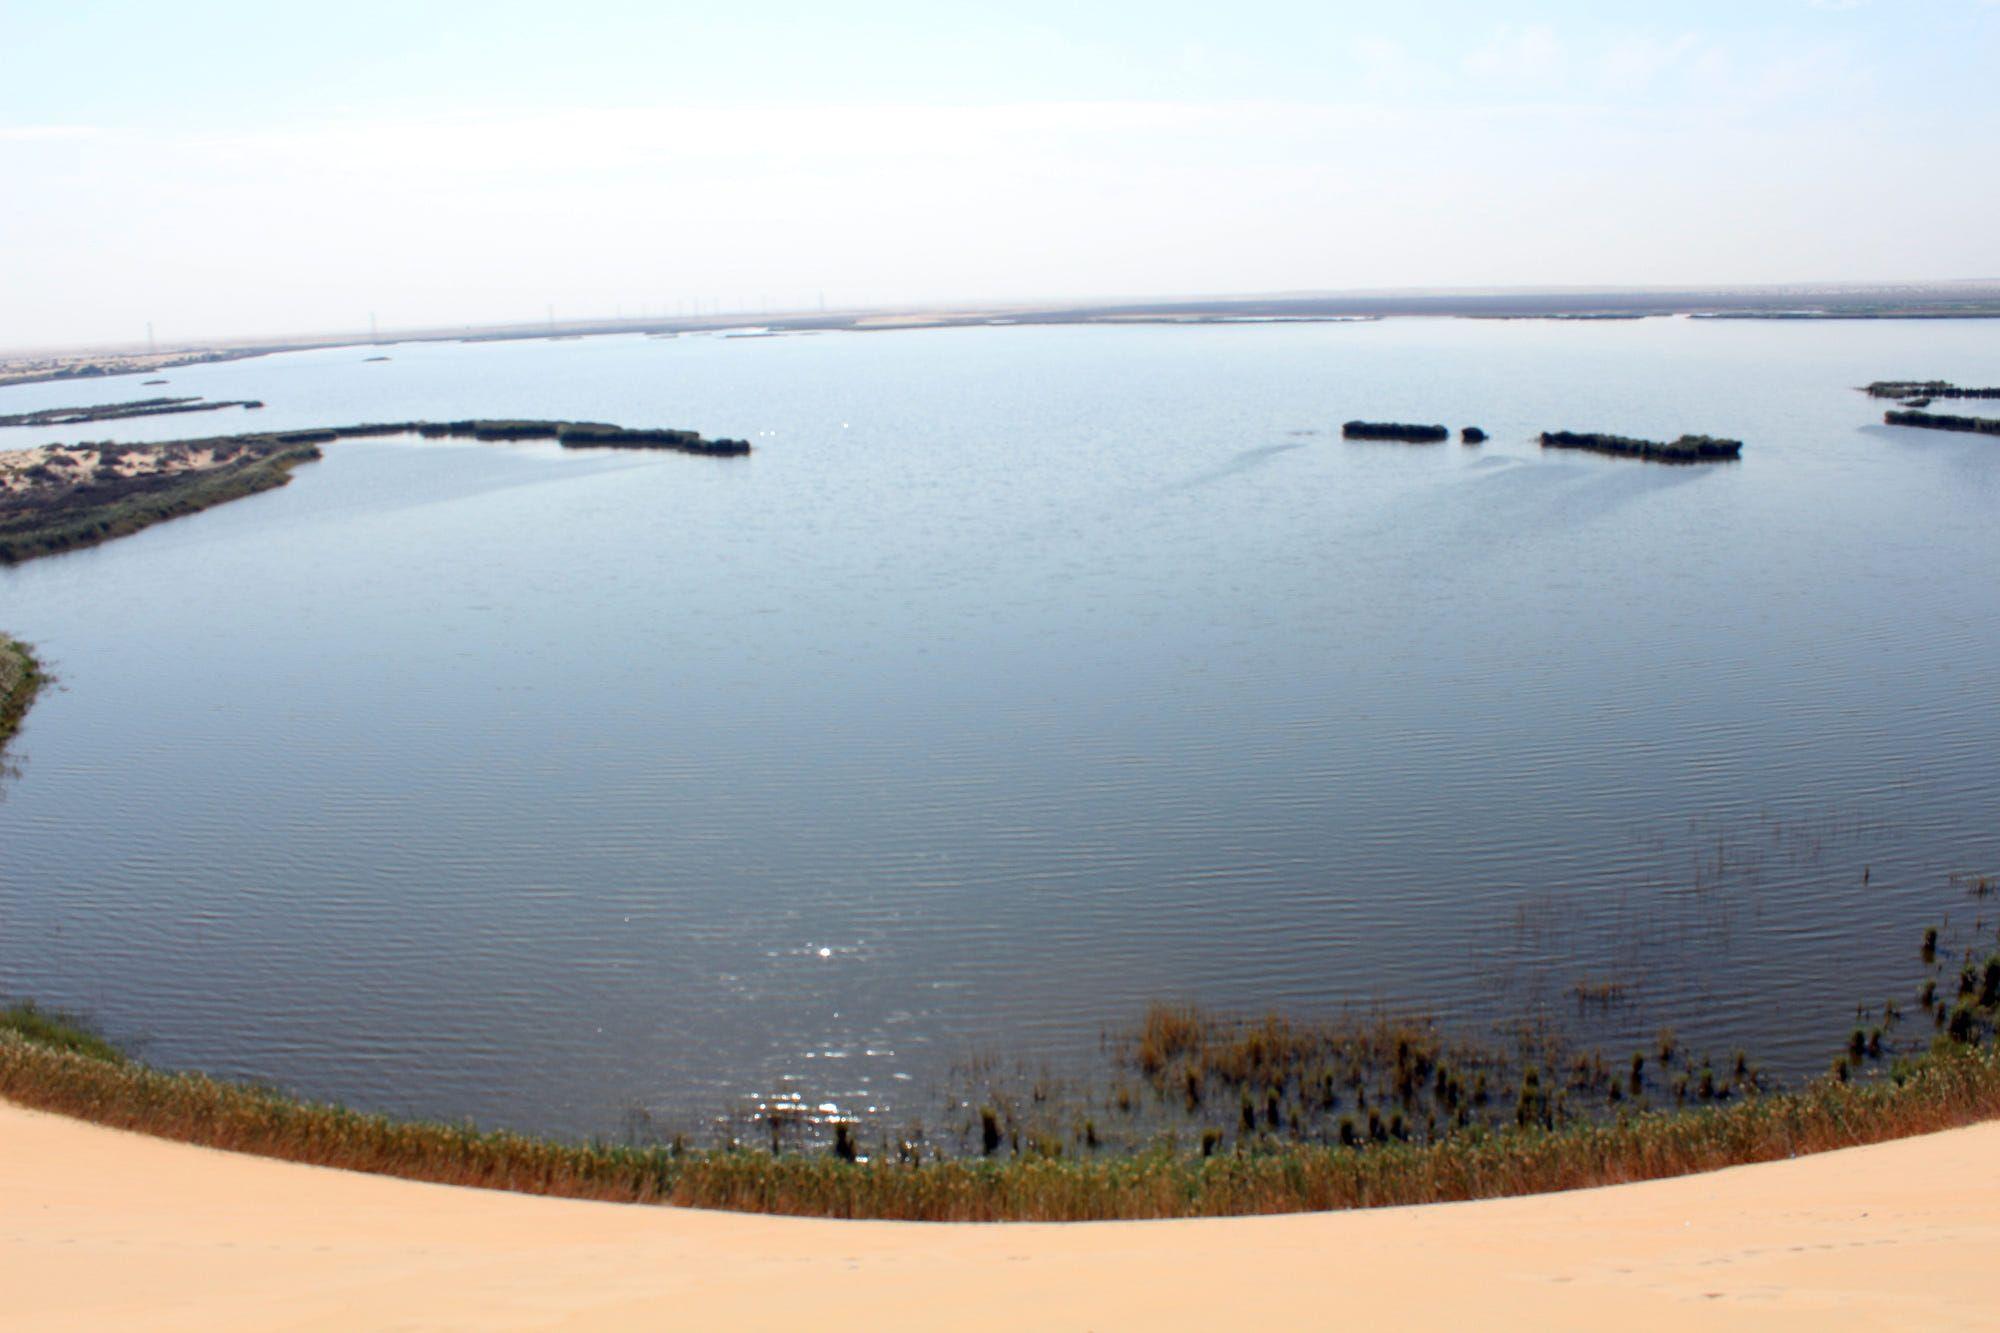 بحيرة الأصفر في الأحساء By Yousef Hassan Outdoor Water Beach